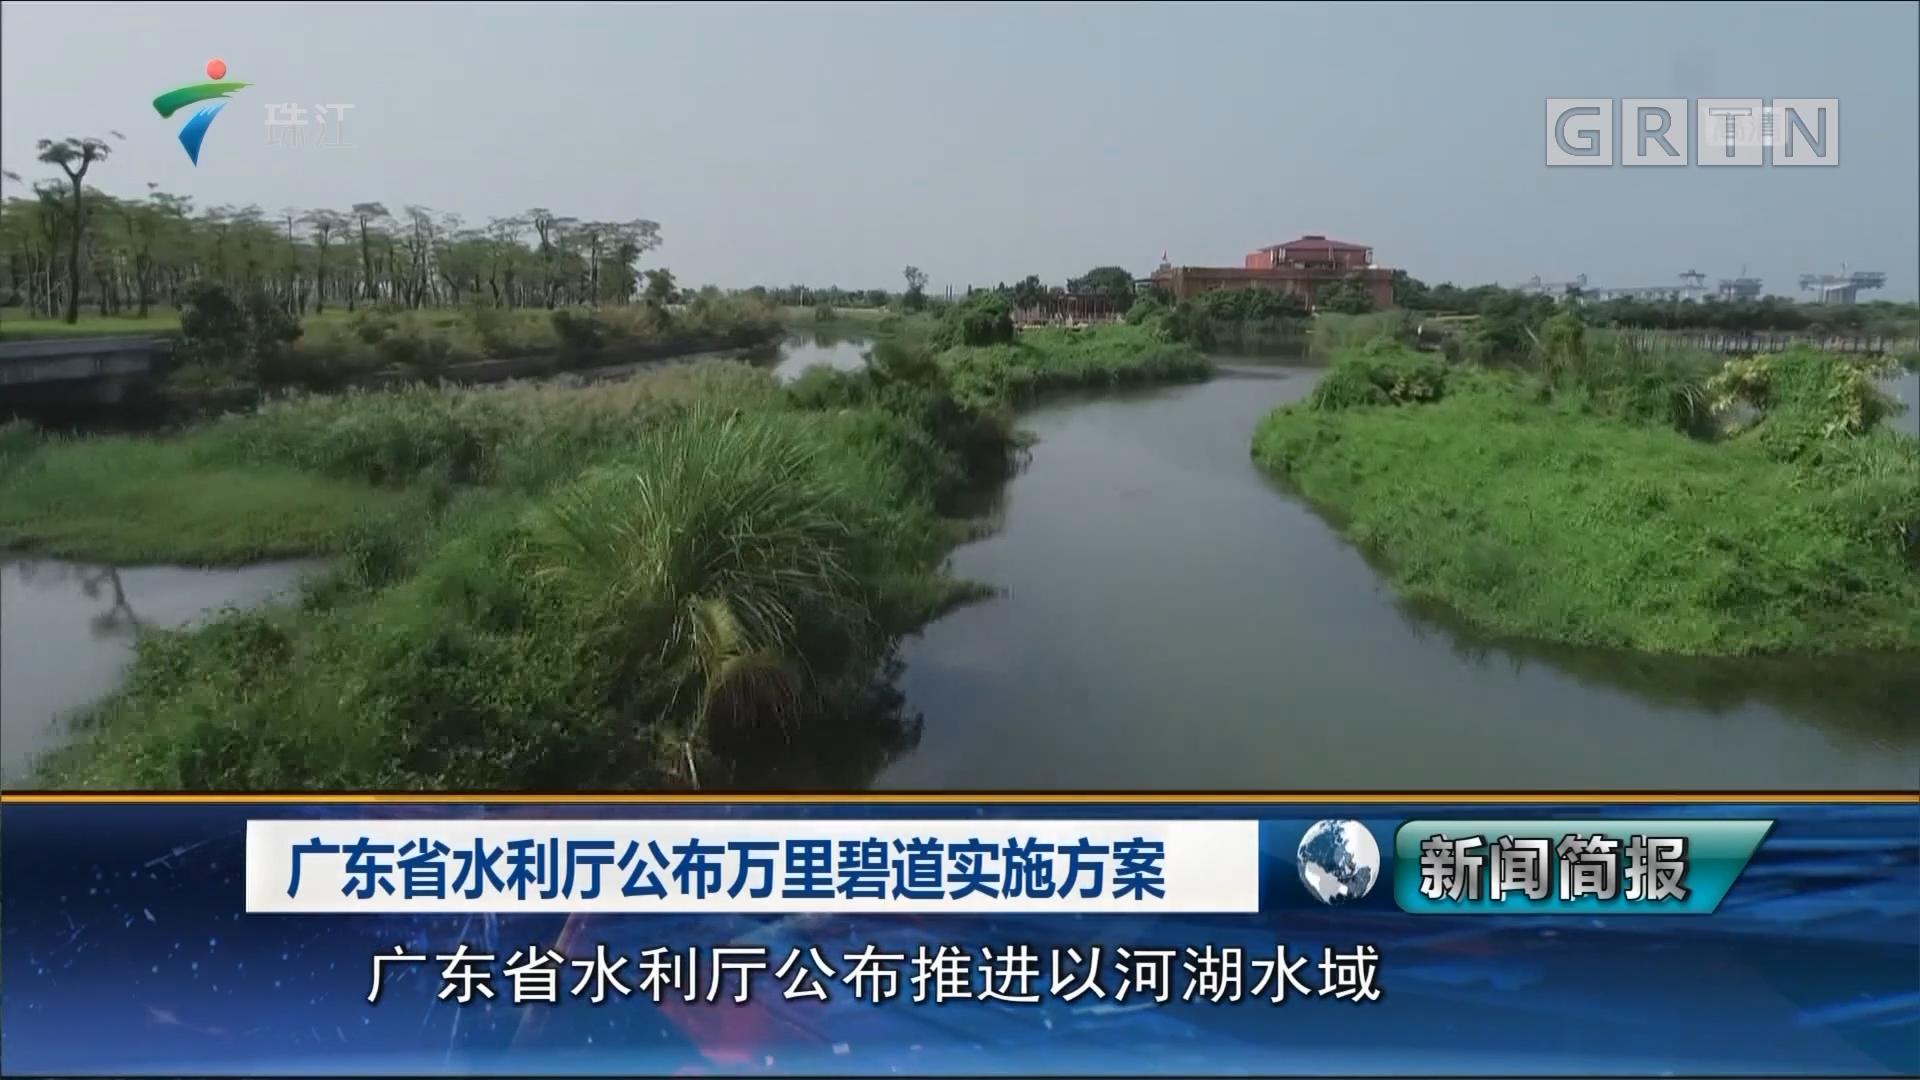 广东省水利厅公布万里碧道实施方案